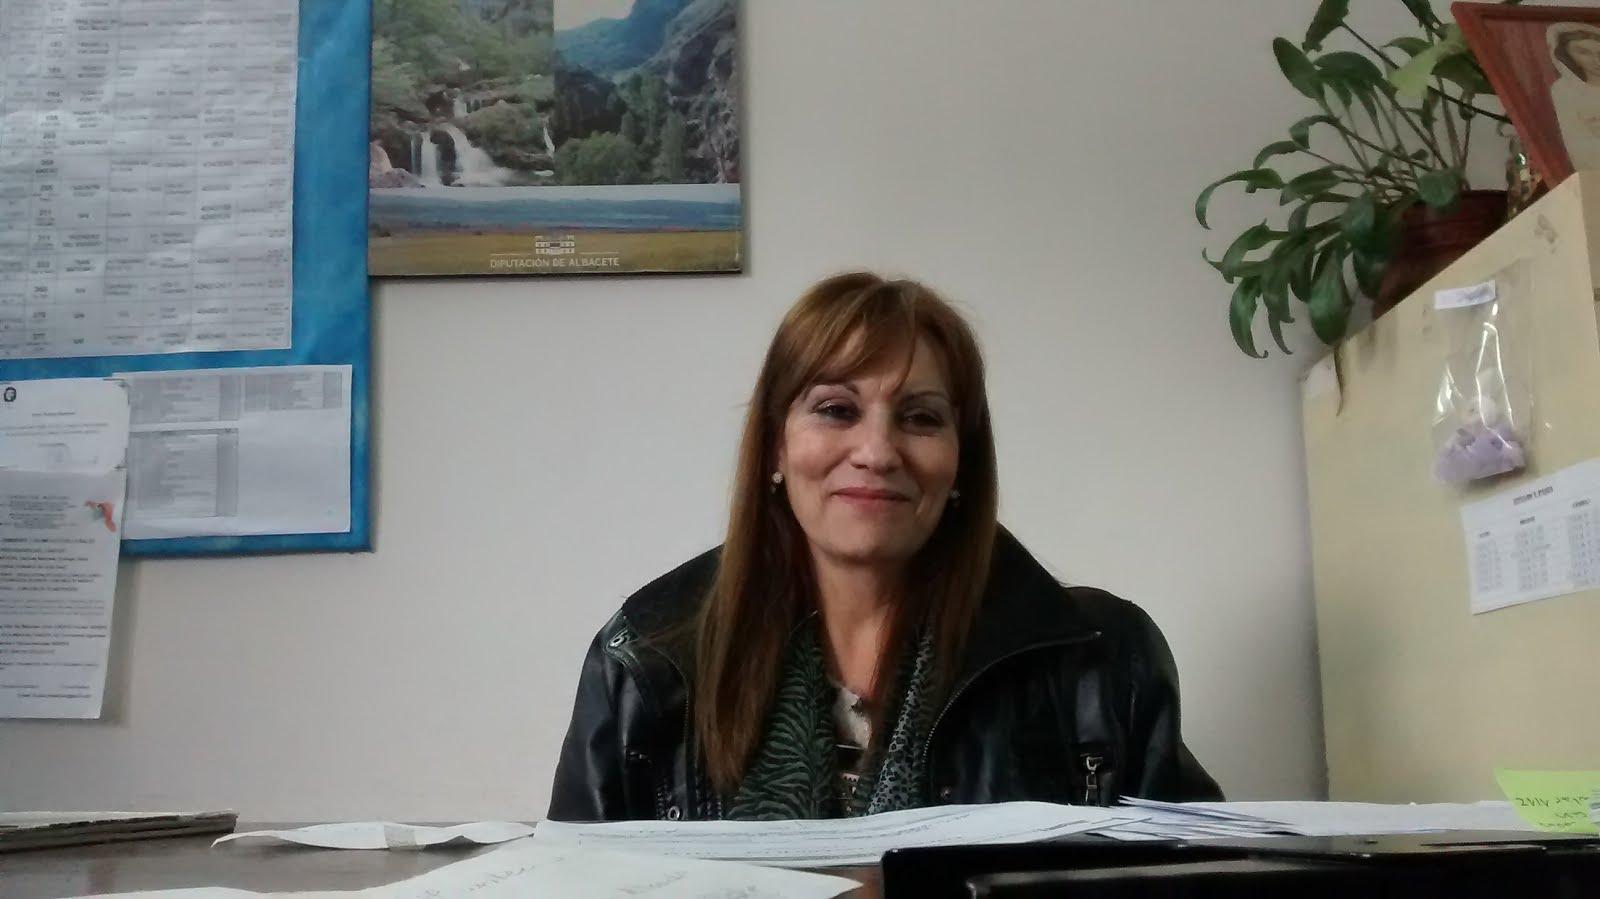 AUTORIDAD DE LA INSPECCIÓN